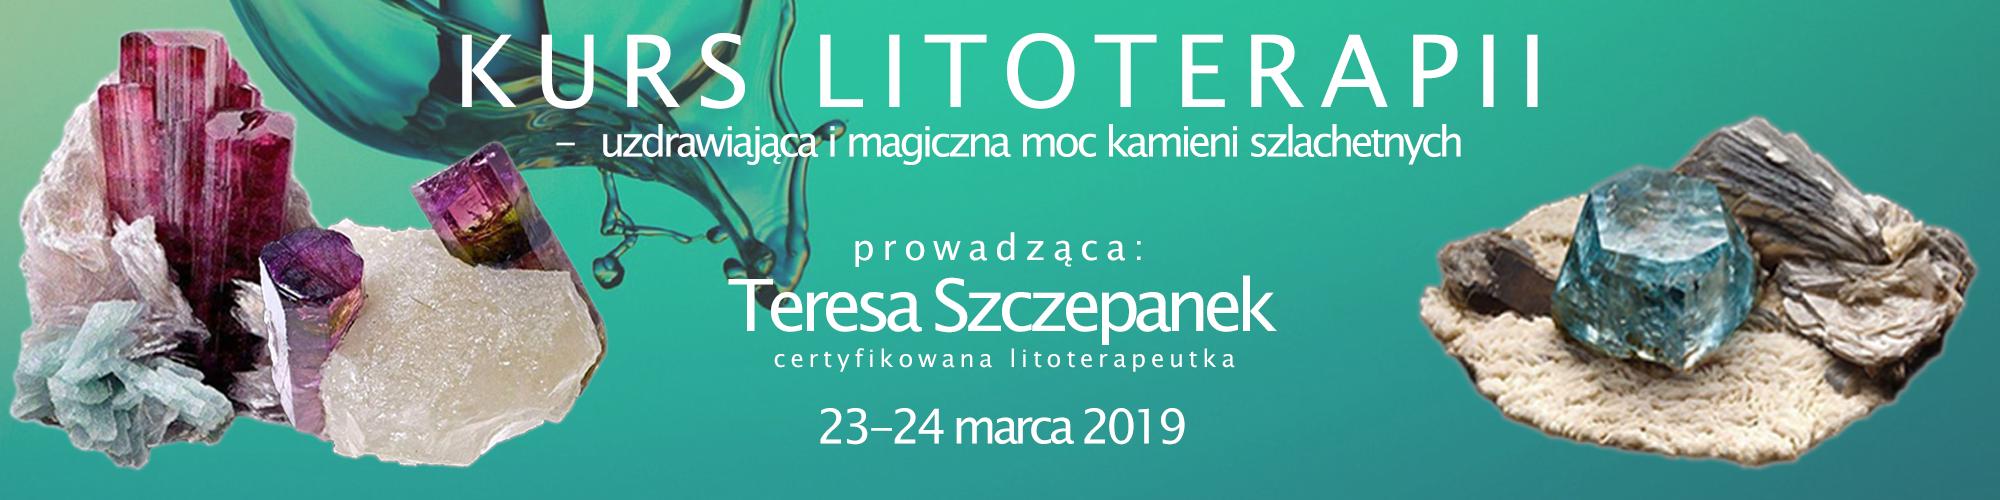 litoterapia-banner